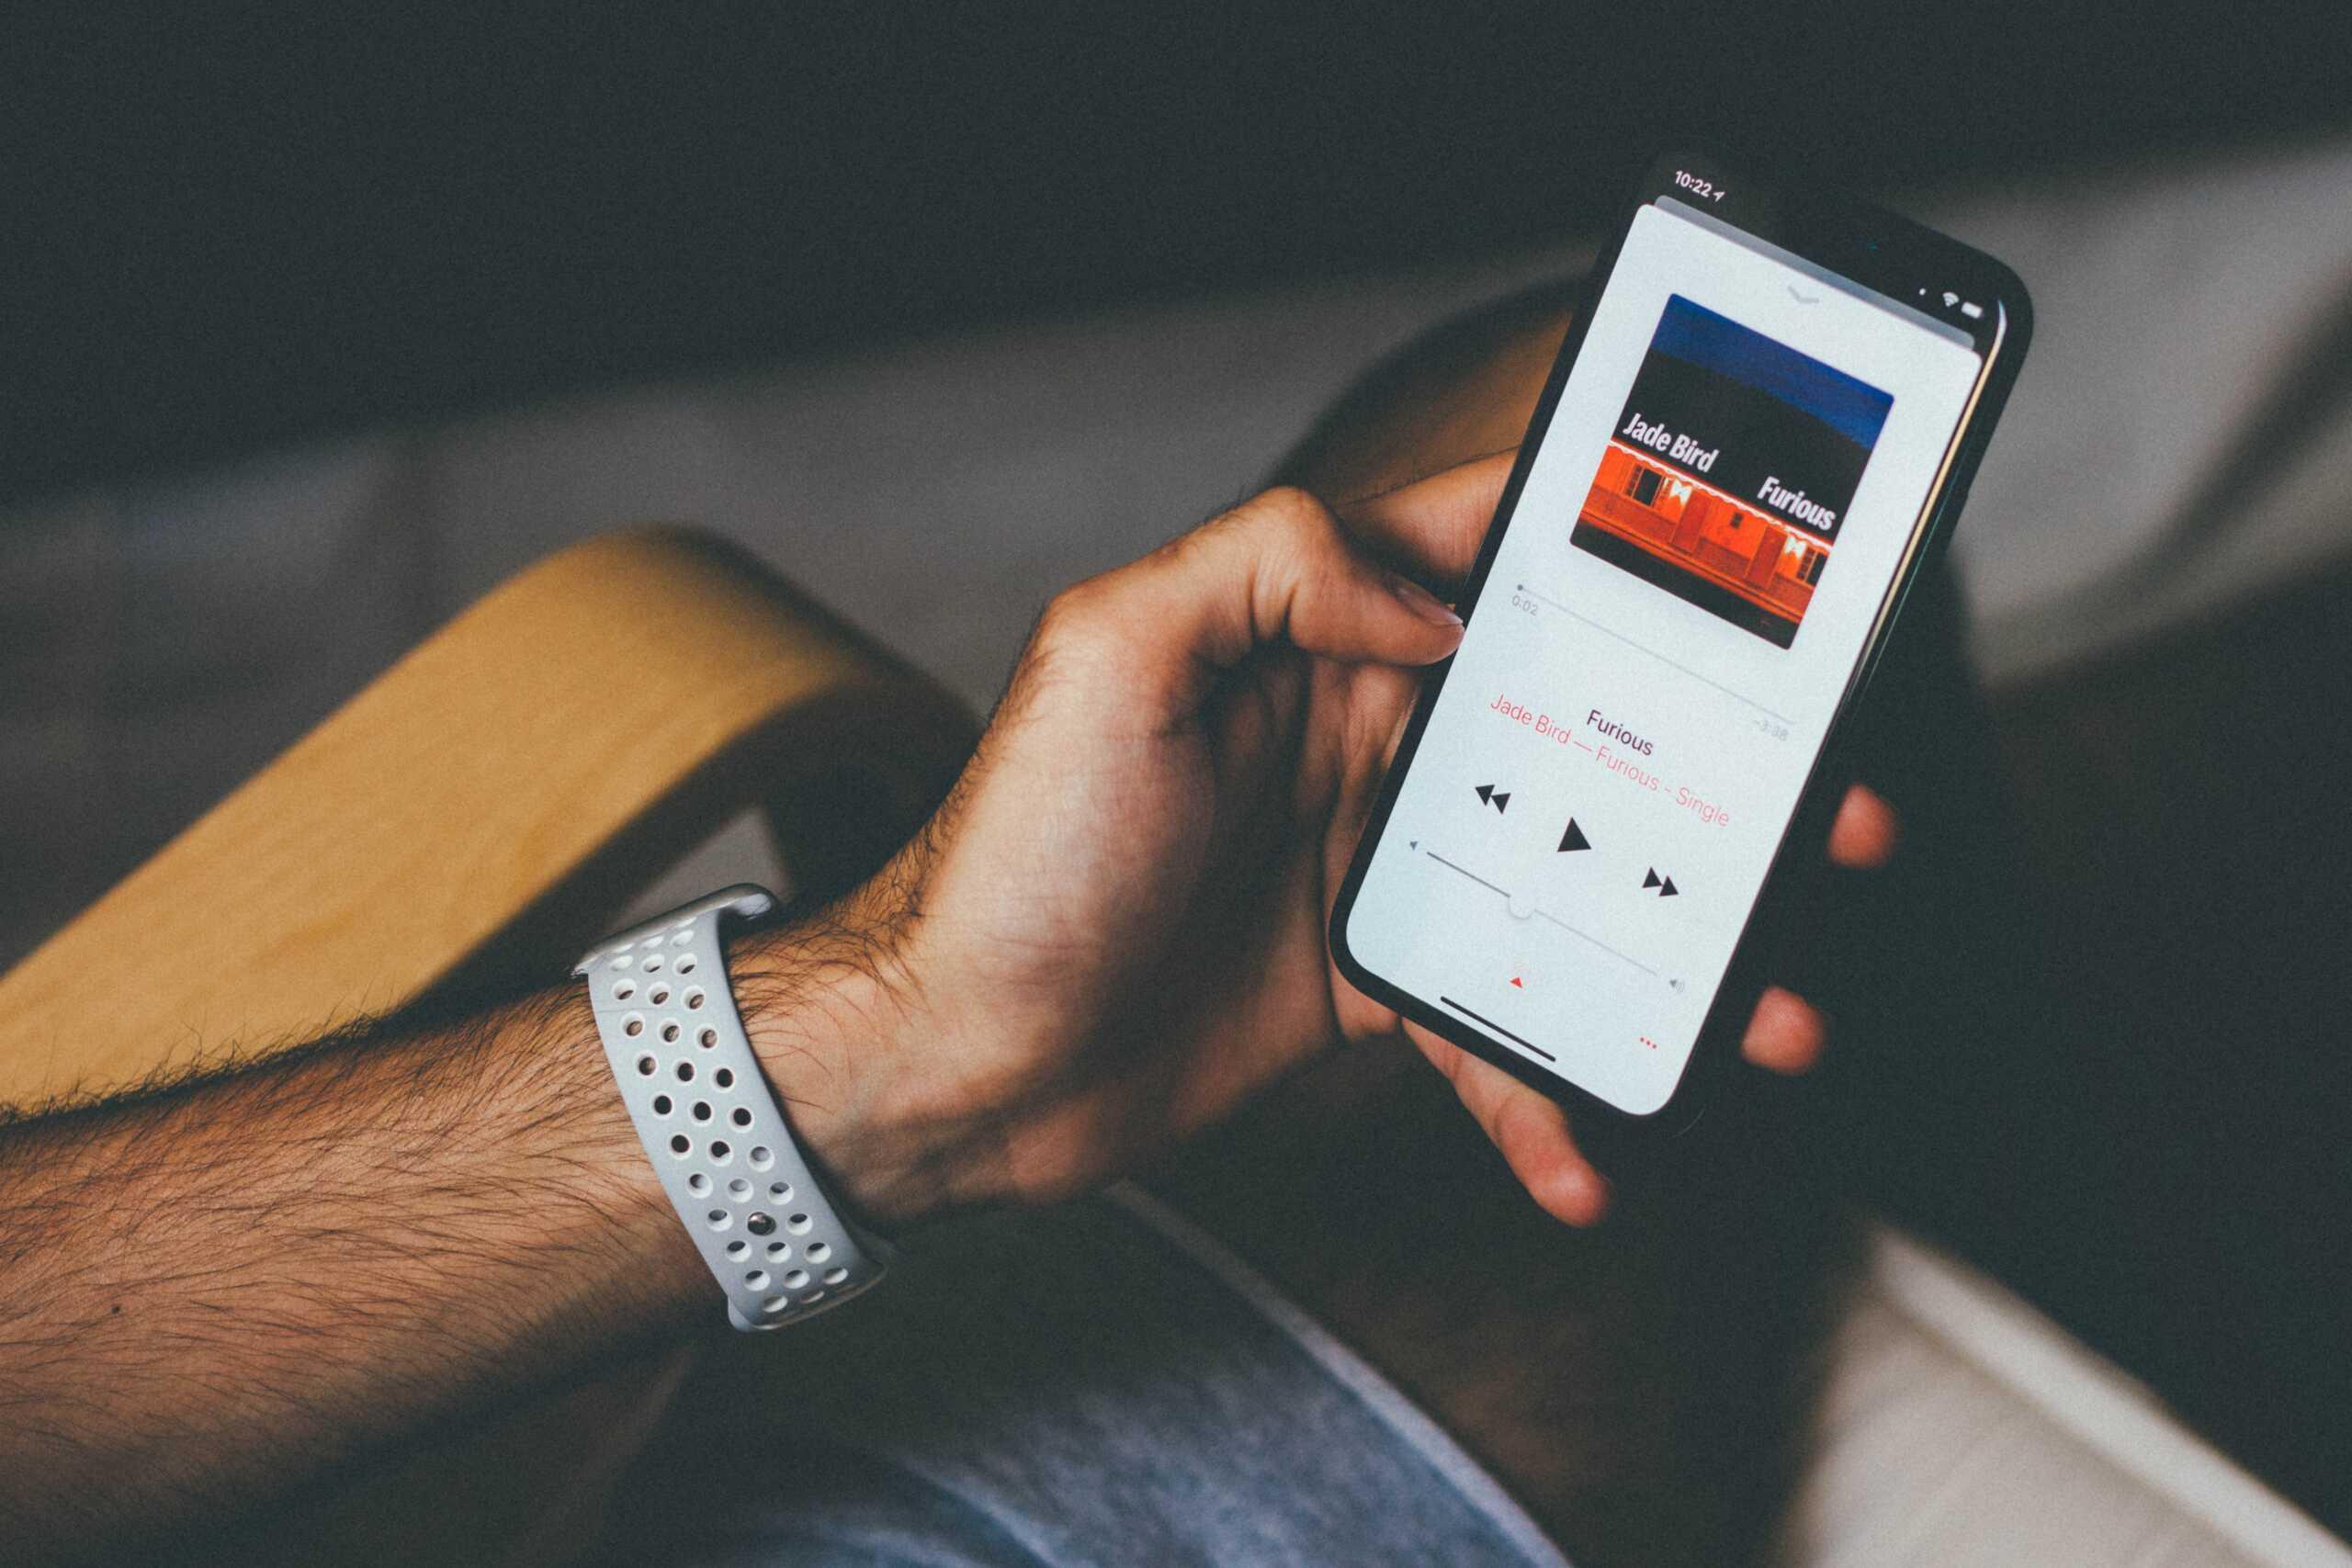 Family Sharing là một tính năng cực kỳ hay ho cho phép bạn chia sẻ và tiết kiệm chi phí với các thành viên trong nhóm gia đình của mình. Còn chần chừ gì mà không tìm hiểu ngay cách nghe nhạc với tính năng Family Sharing của Apple cùng GhienCongNghe trong bài viết sau đây!